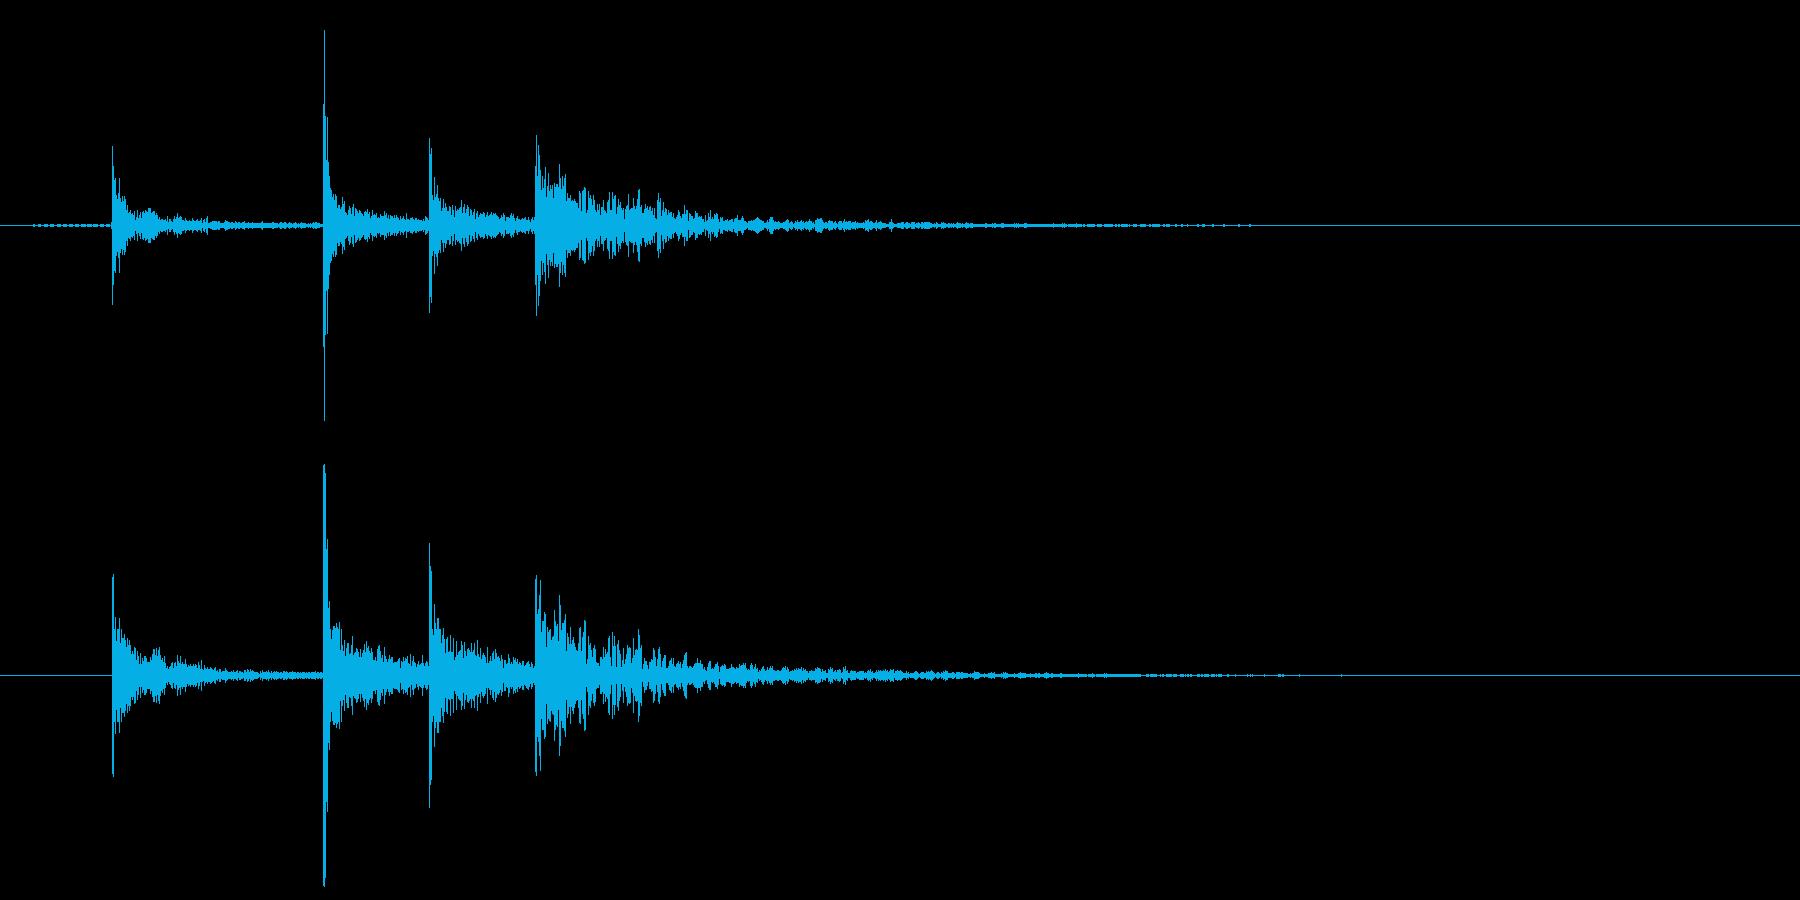 「タッタカタン」 太鼓 和風 お祭りの再生済みの波形